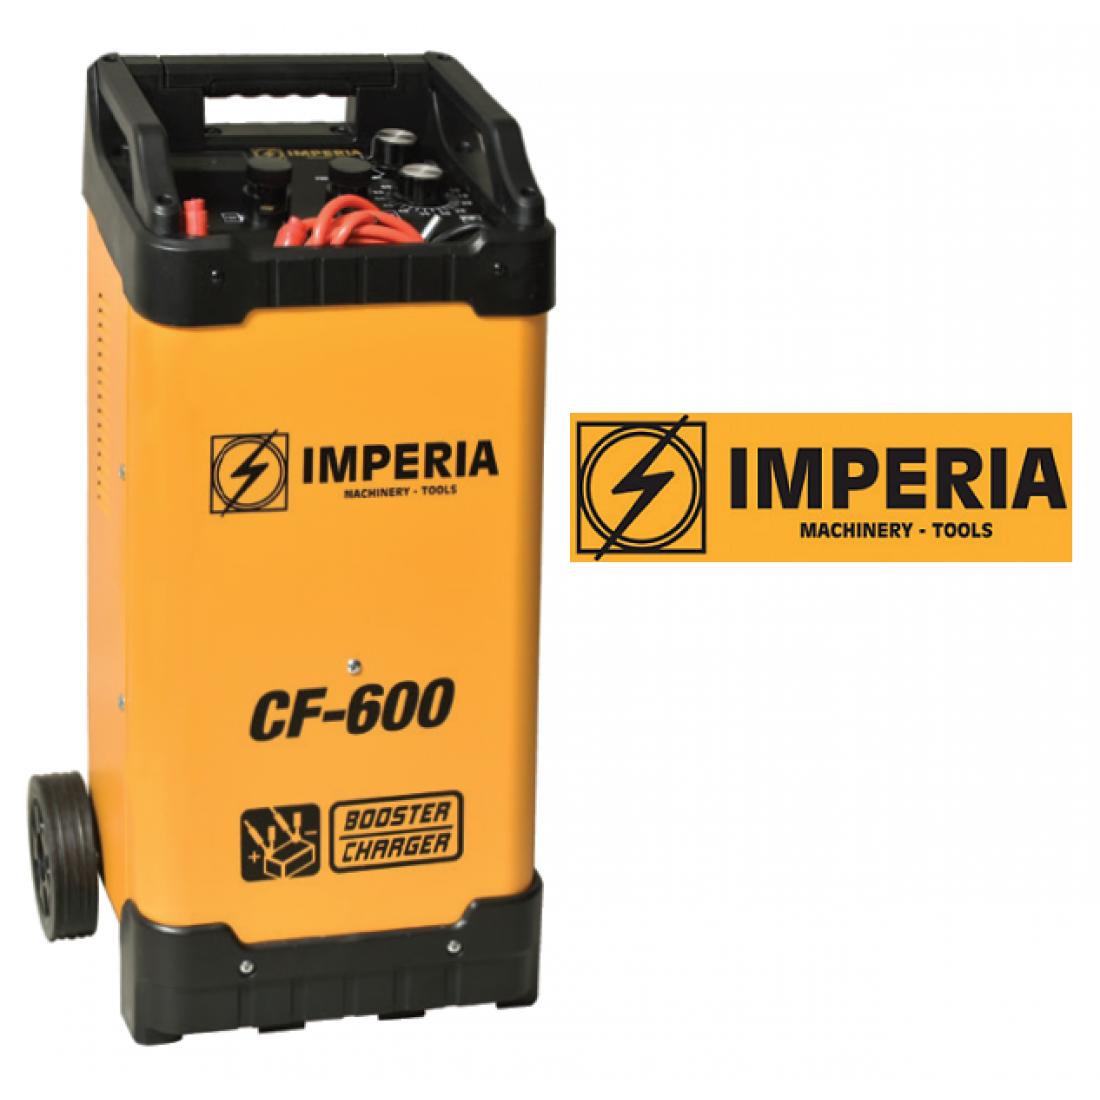 Φορτιστής - Εκκινητής για μπαταρίες Μολύβδου CF-600 IMPERIA